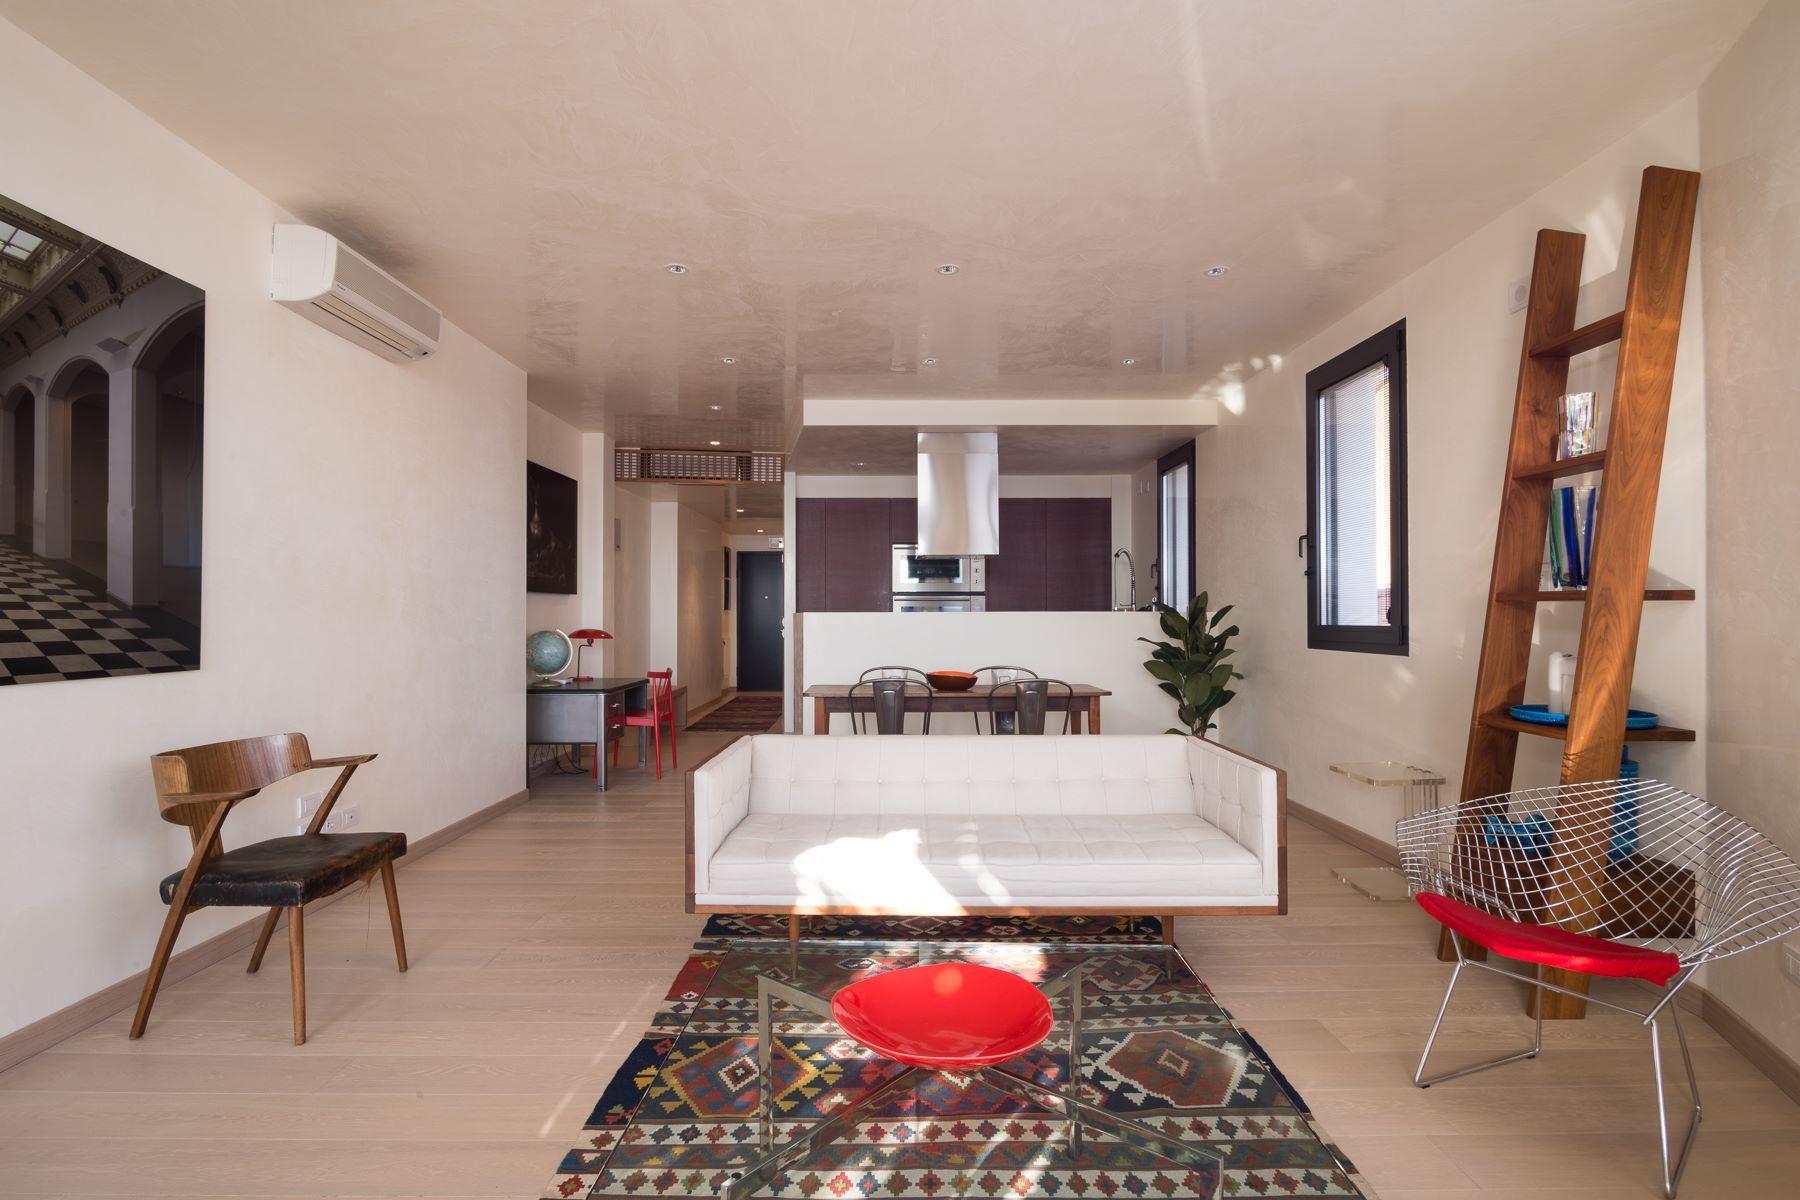 Apartments for Sale at Laguna Terrazza Giudecca Mare Venezia, Venice Italy